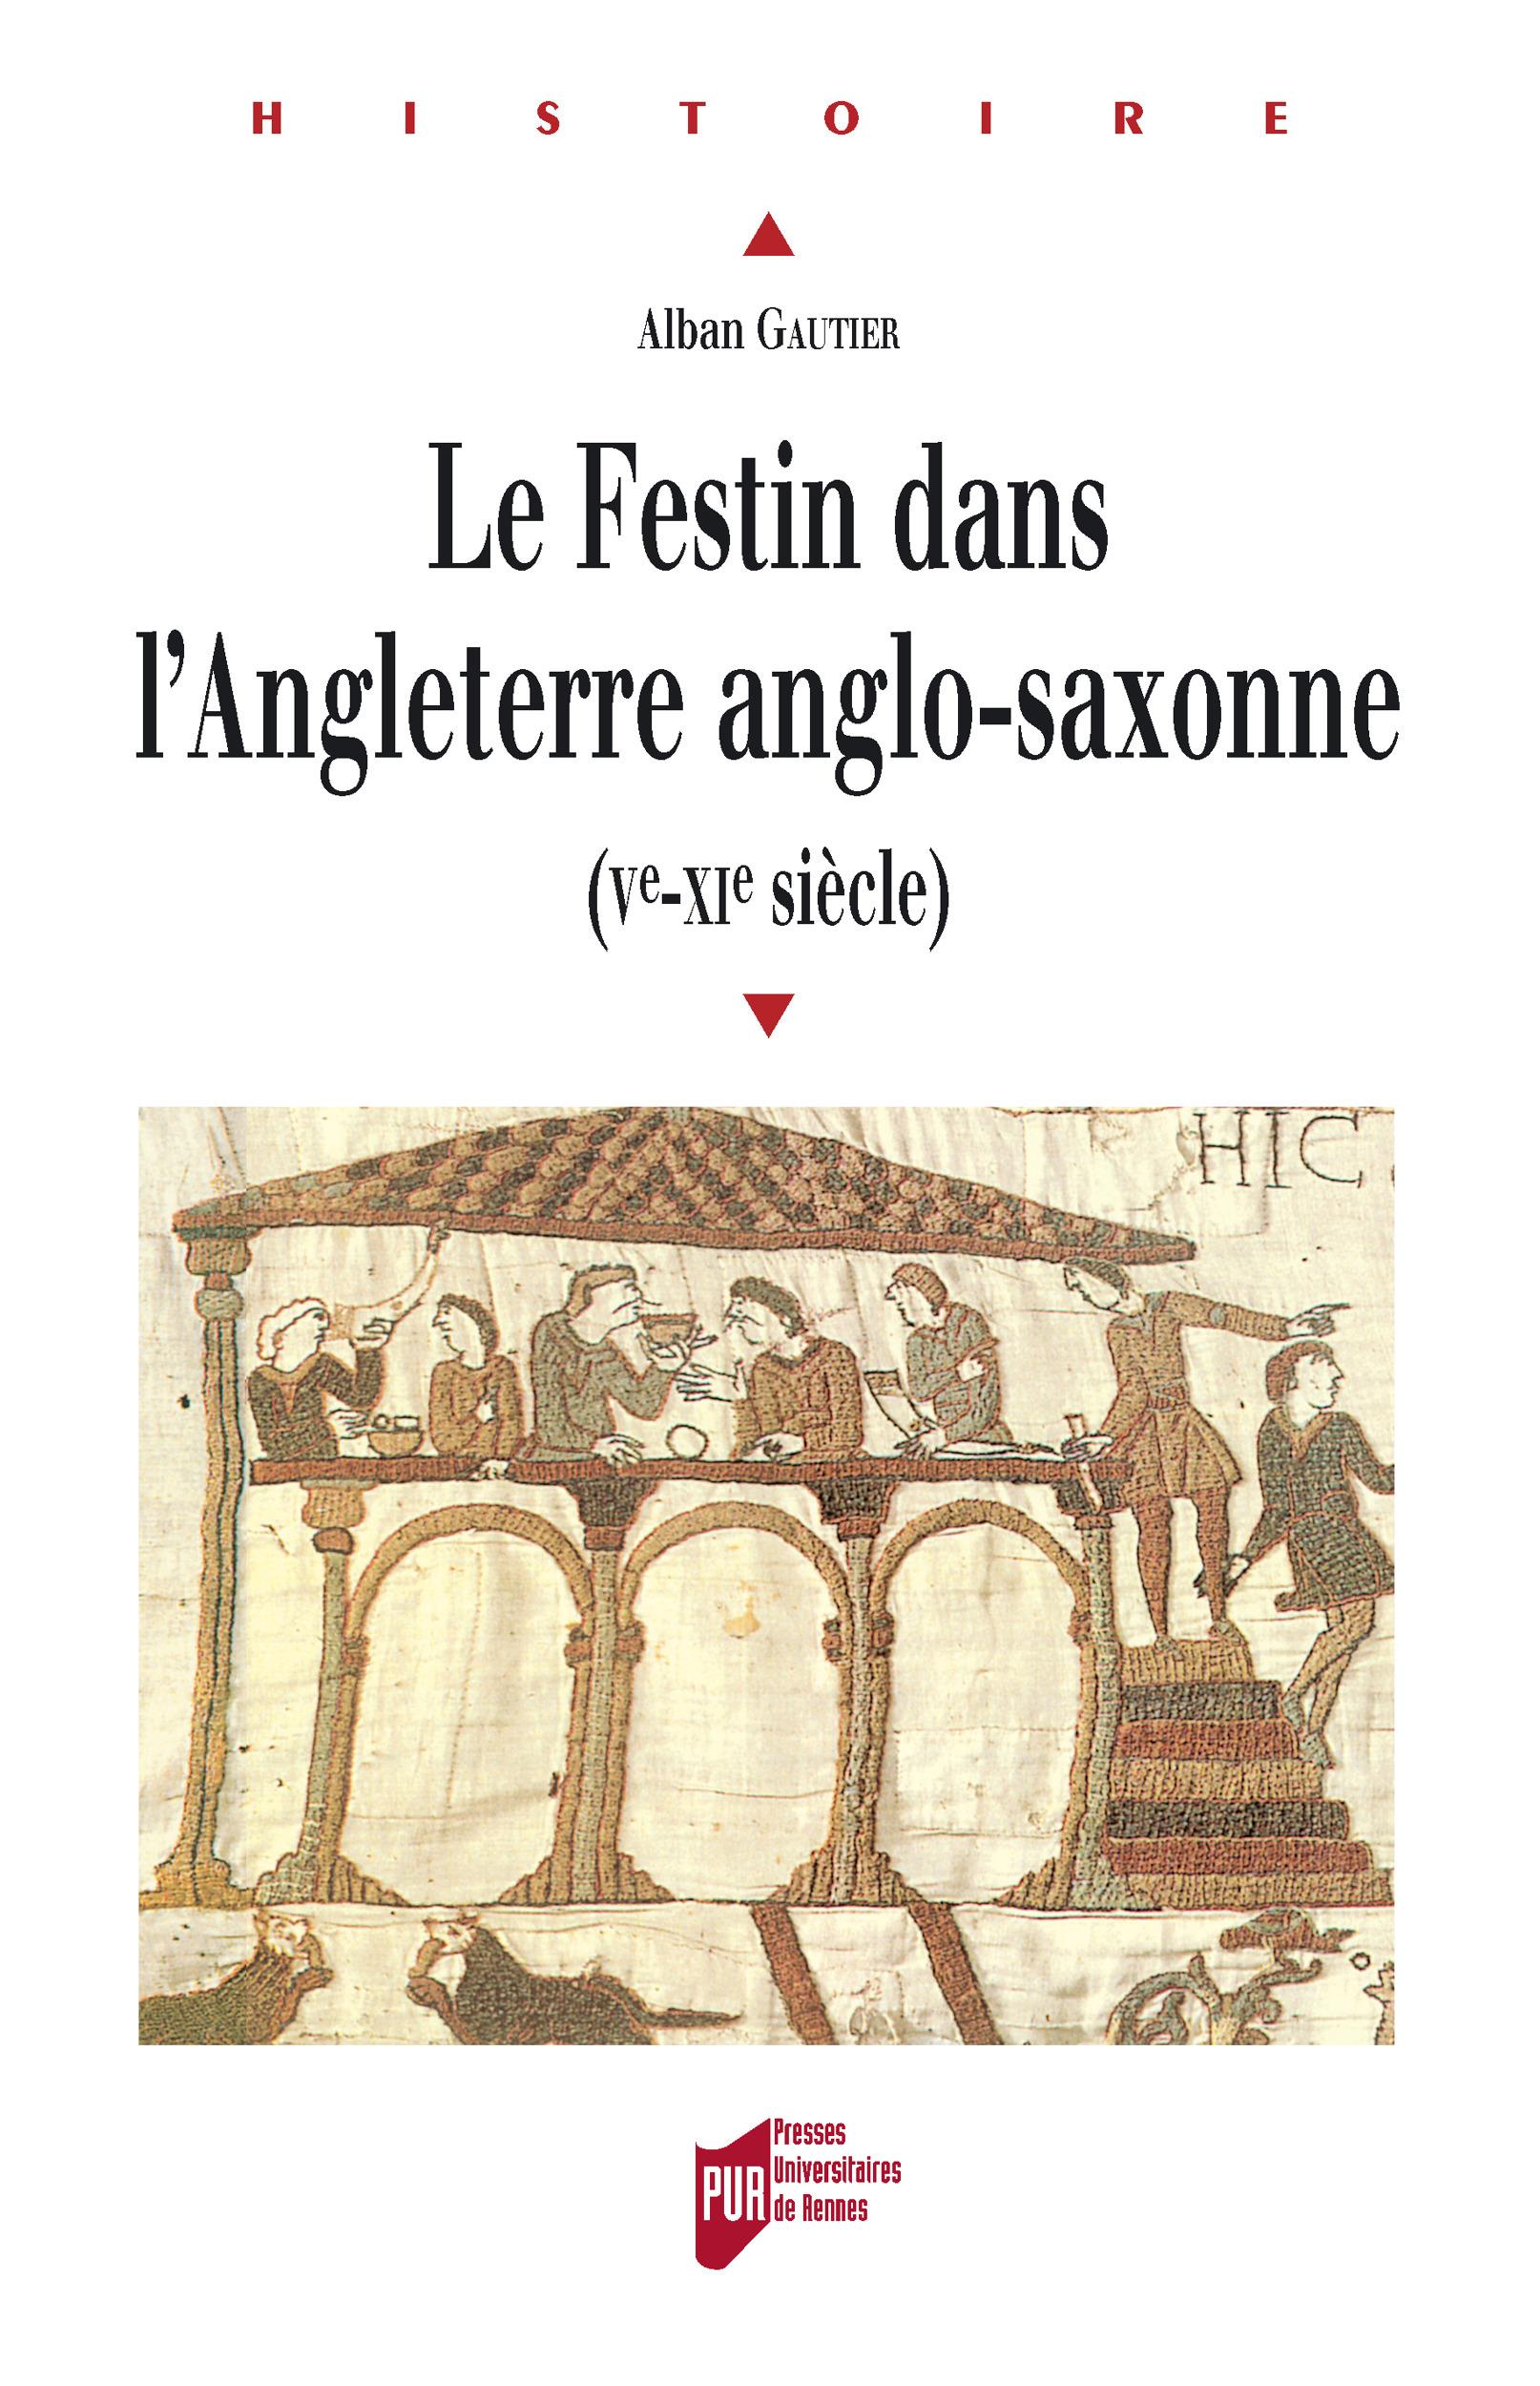 Le festin dans l'Angleterre anglo-saxonne (Ve-XIe siècle)